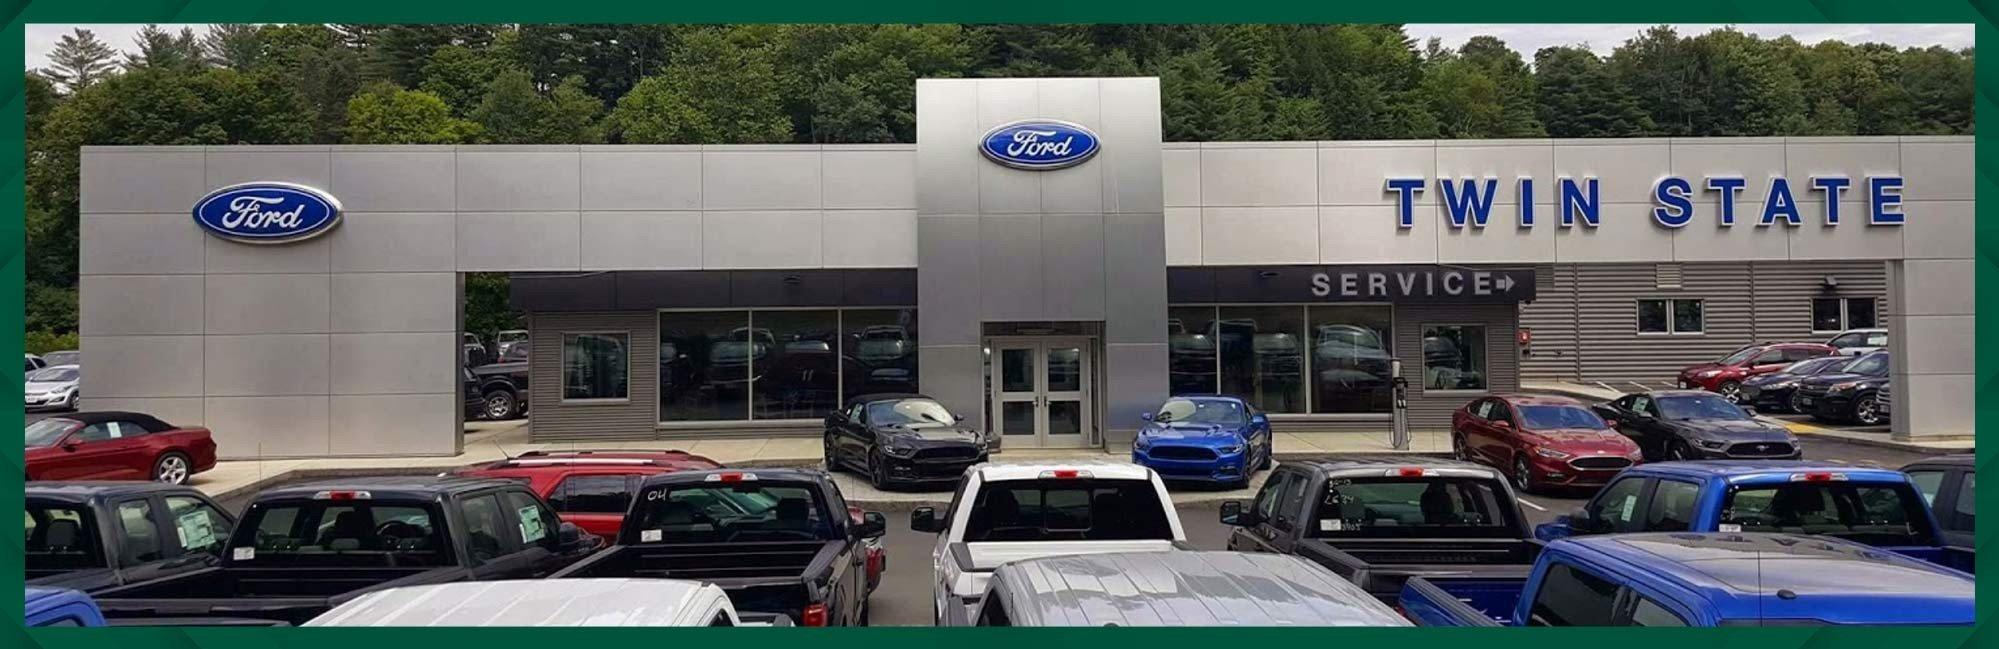 Ford dealer Morristown, VT